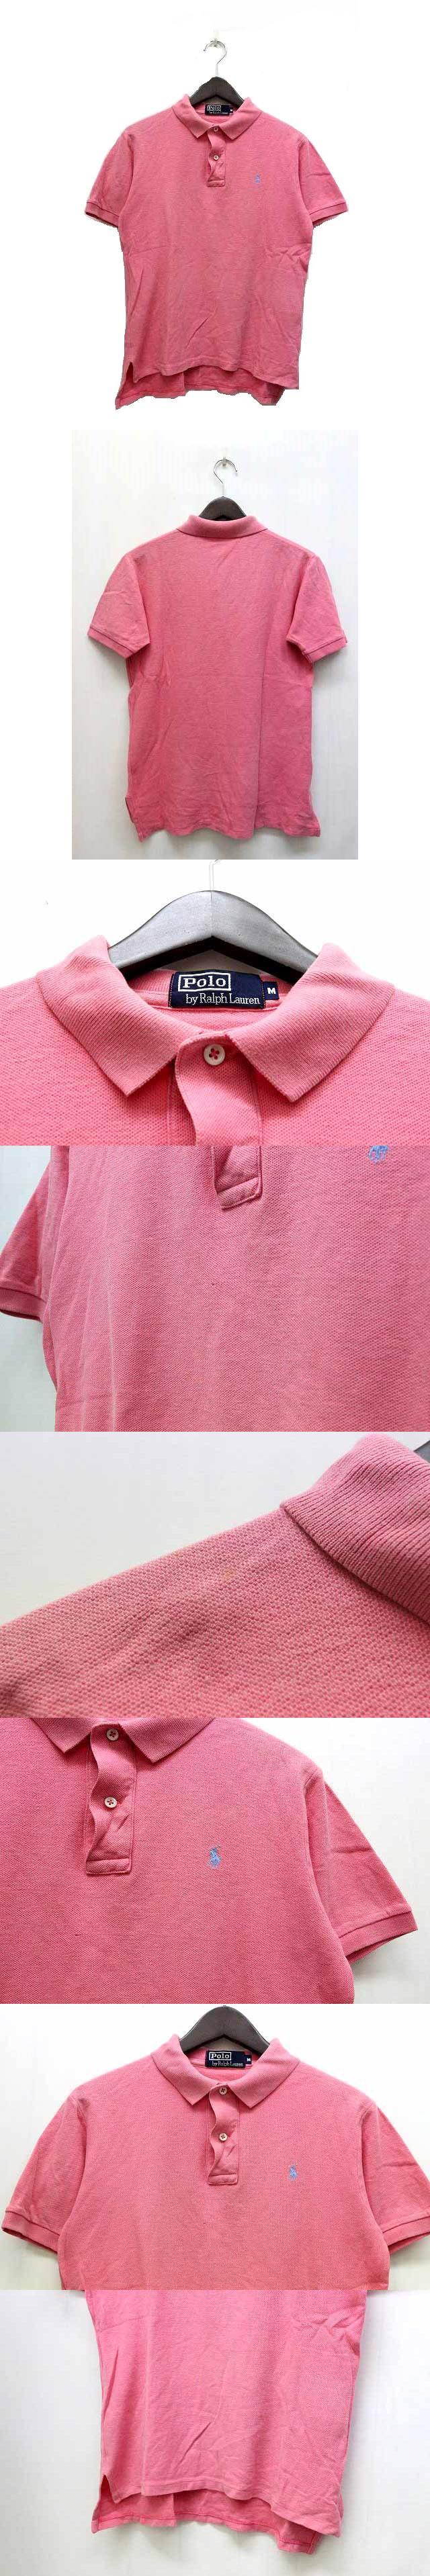 ポロシャツ 鹿の子 ワンポイント 刺繍 半袖 M ピンク 桃 /BK20